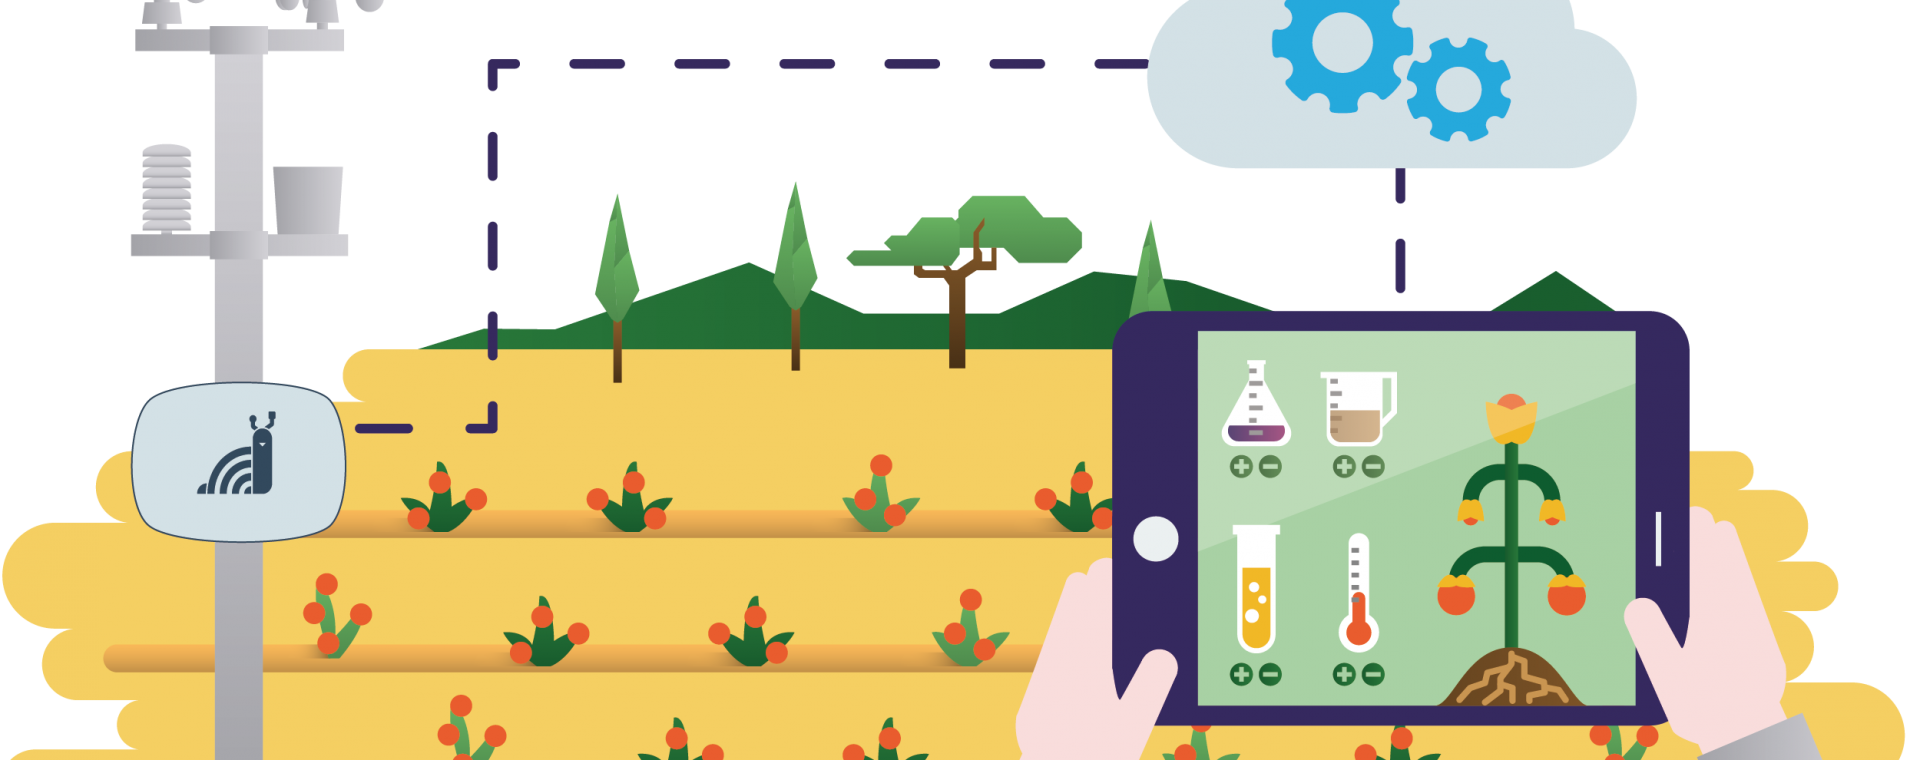 Prototipazione rapida di soluzioni IoT per la scienza